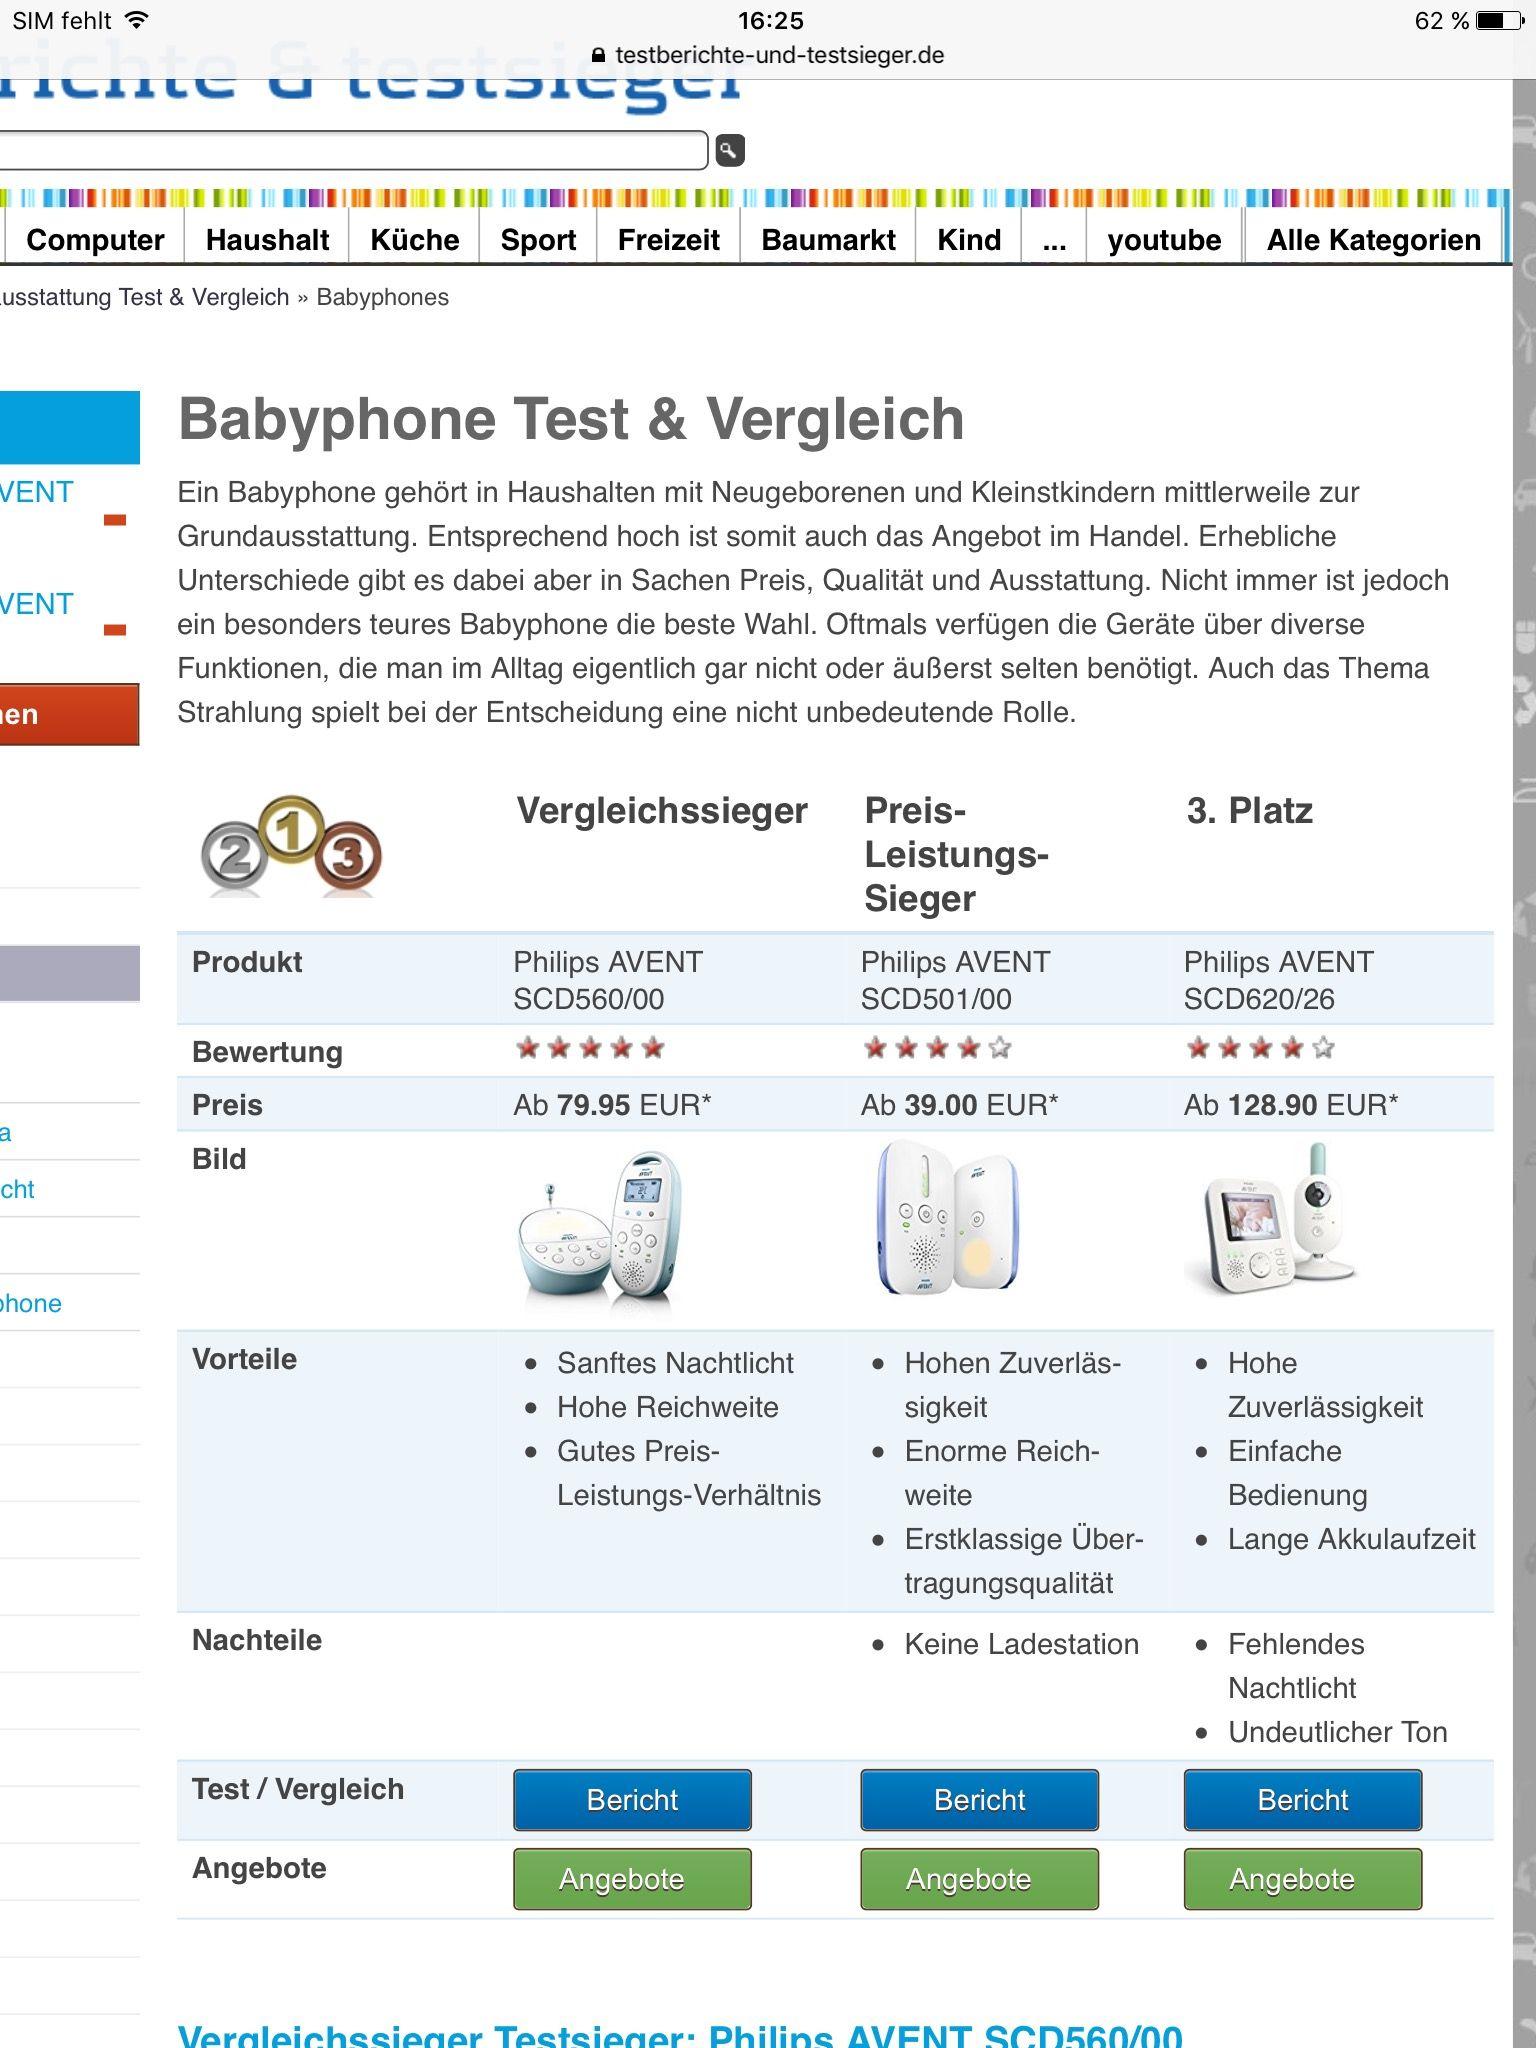 Charmant Website Bewertungsvorlage Bilder - Entry Level Resume ...